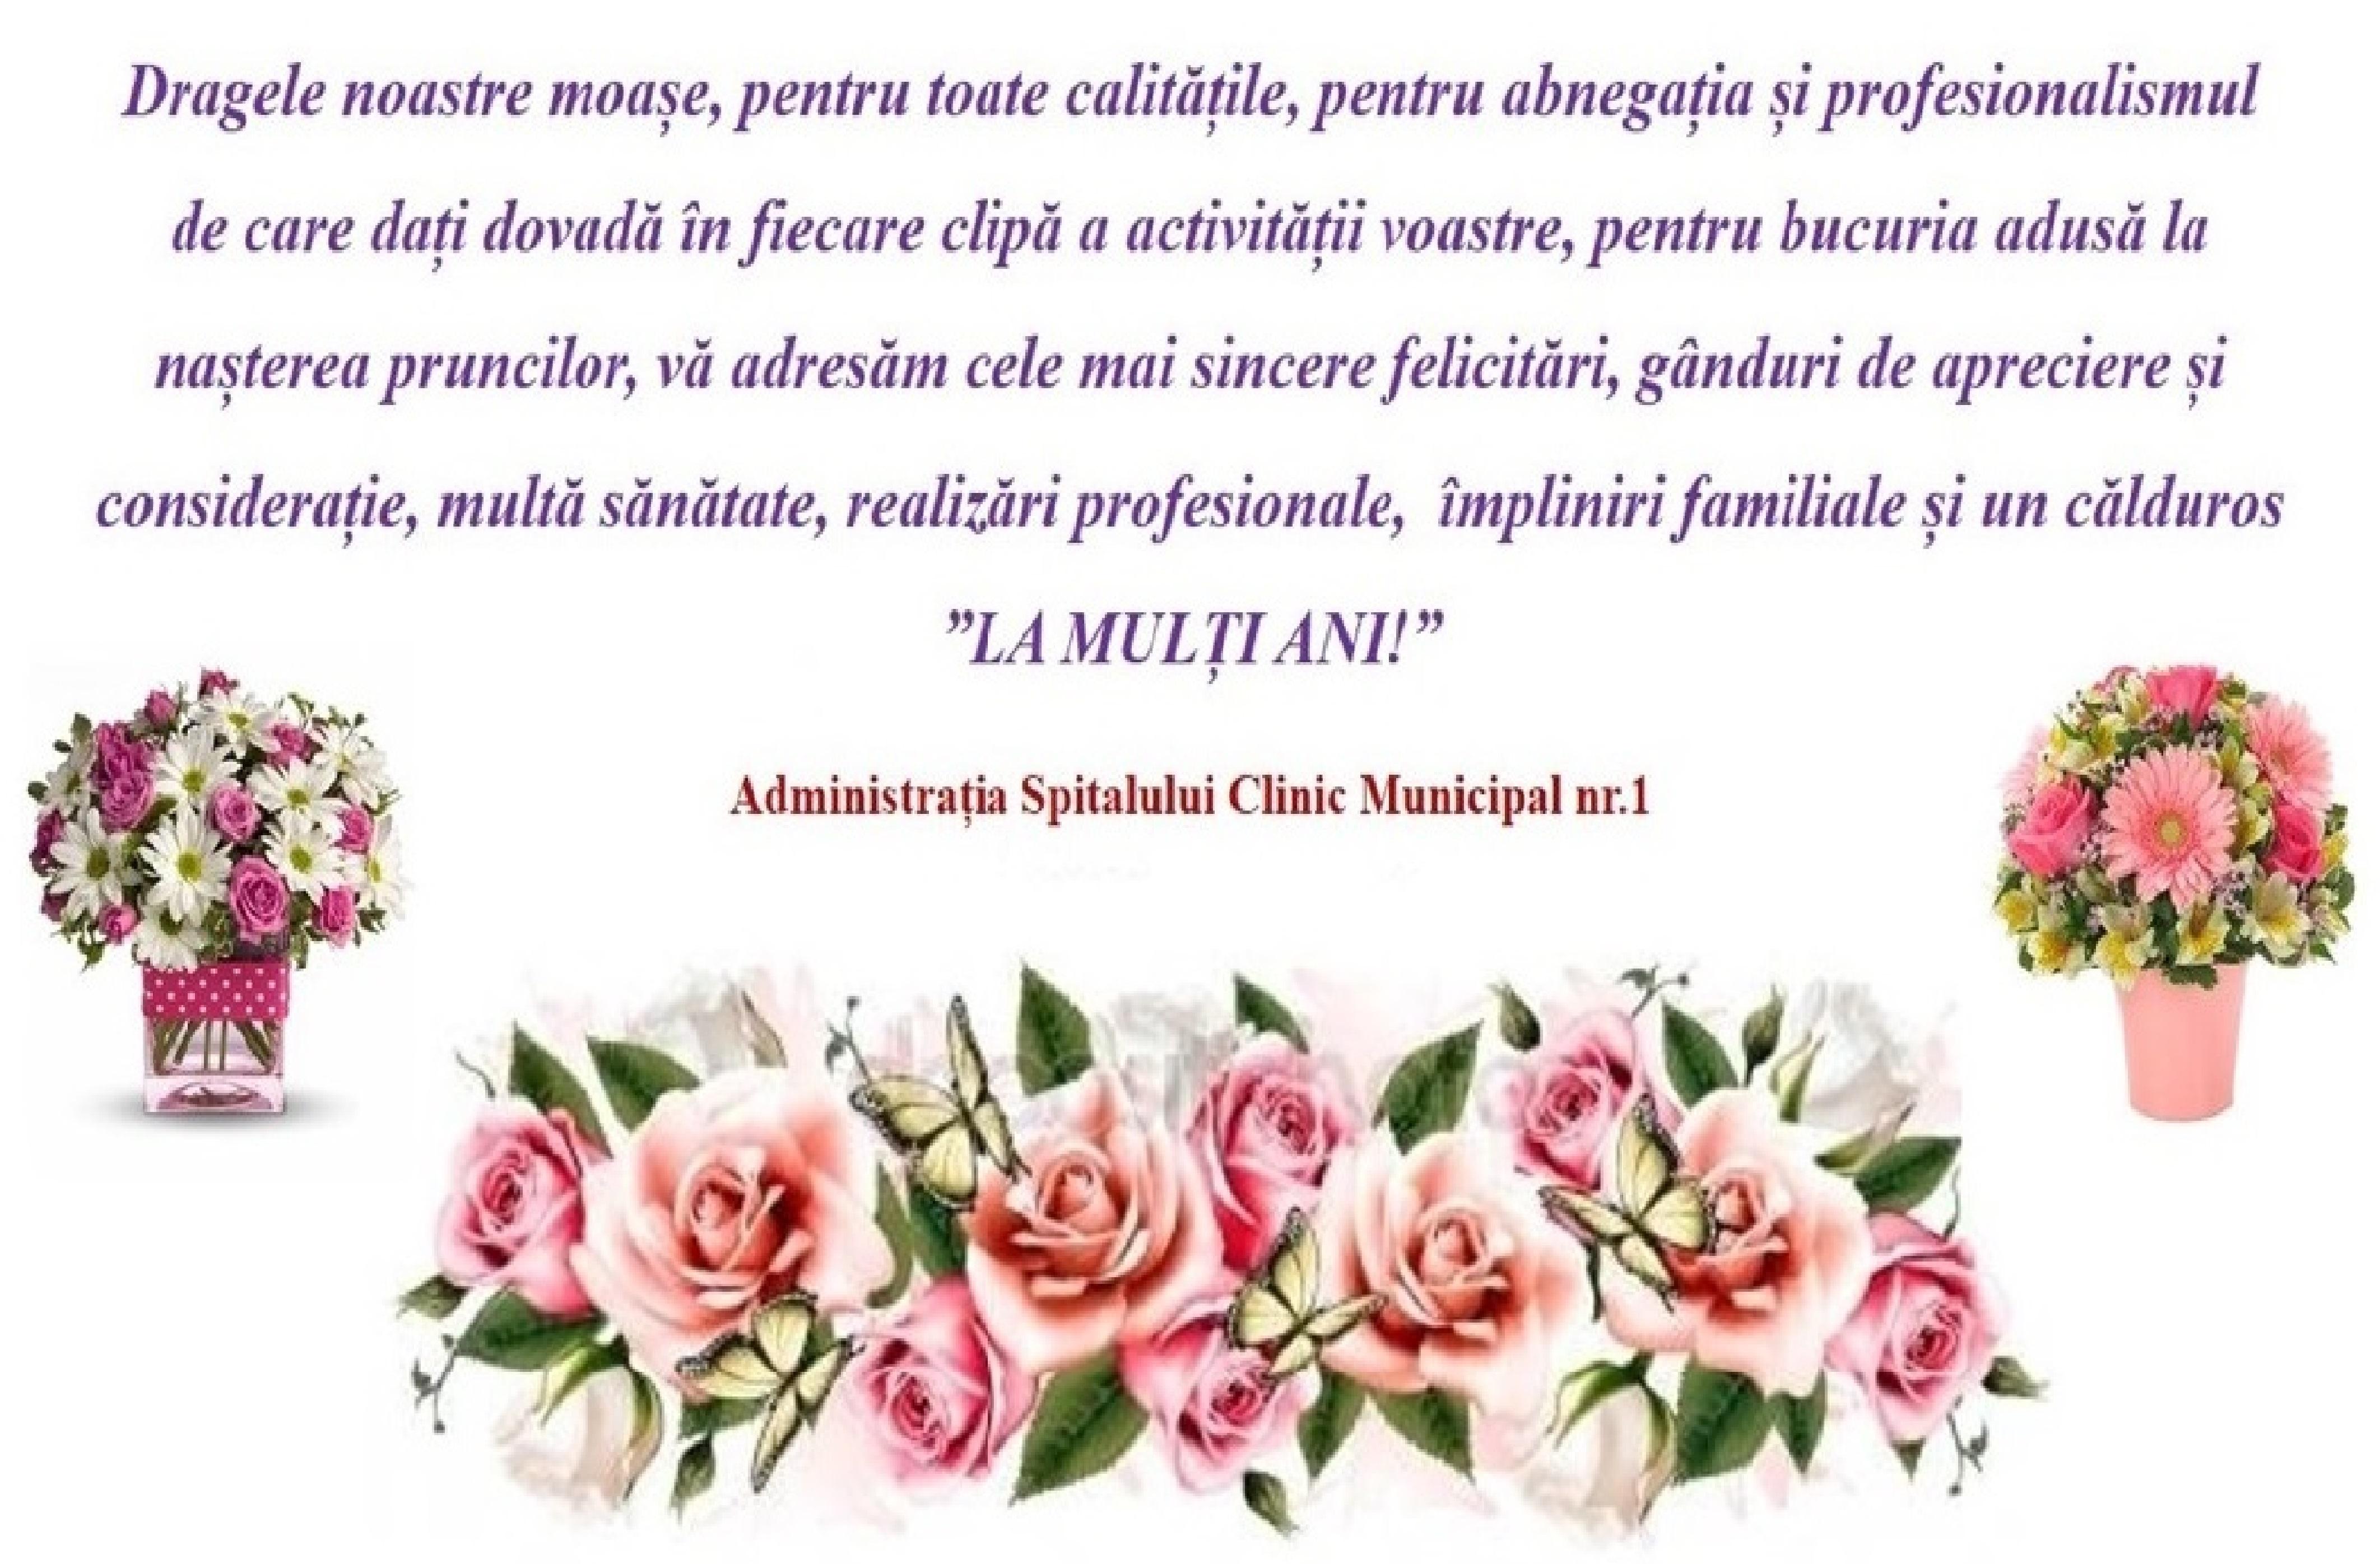 Mesaj de felicitare cu prilejul Zilei Internaționale a Moașei